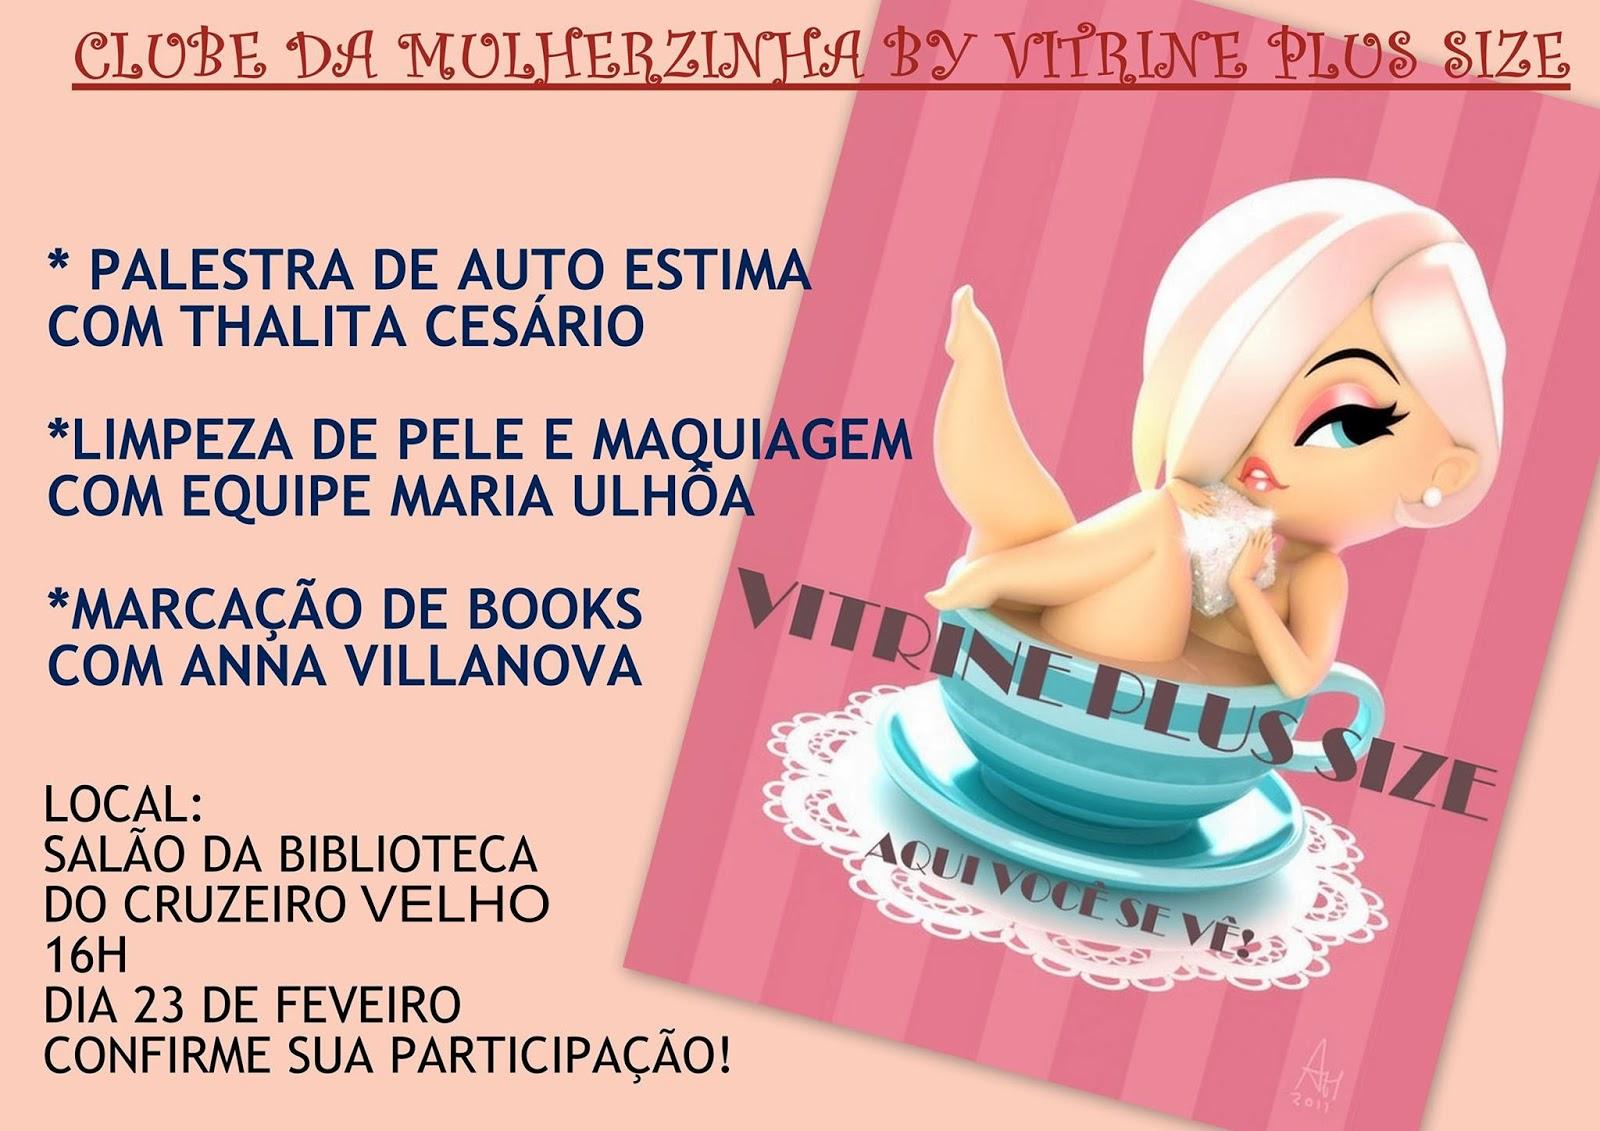 Evento em parceria com Vitrini Plus Size